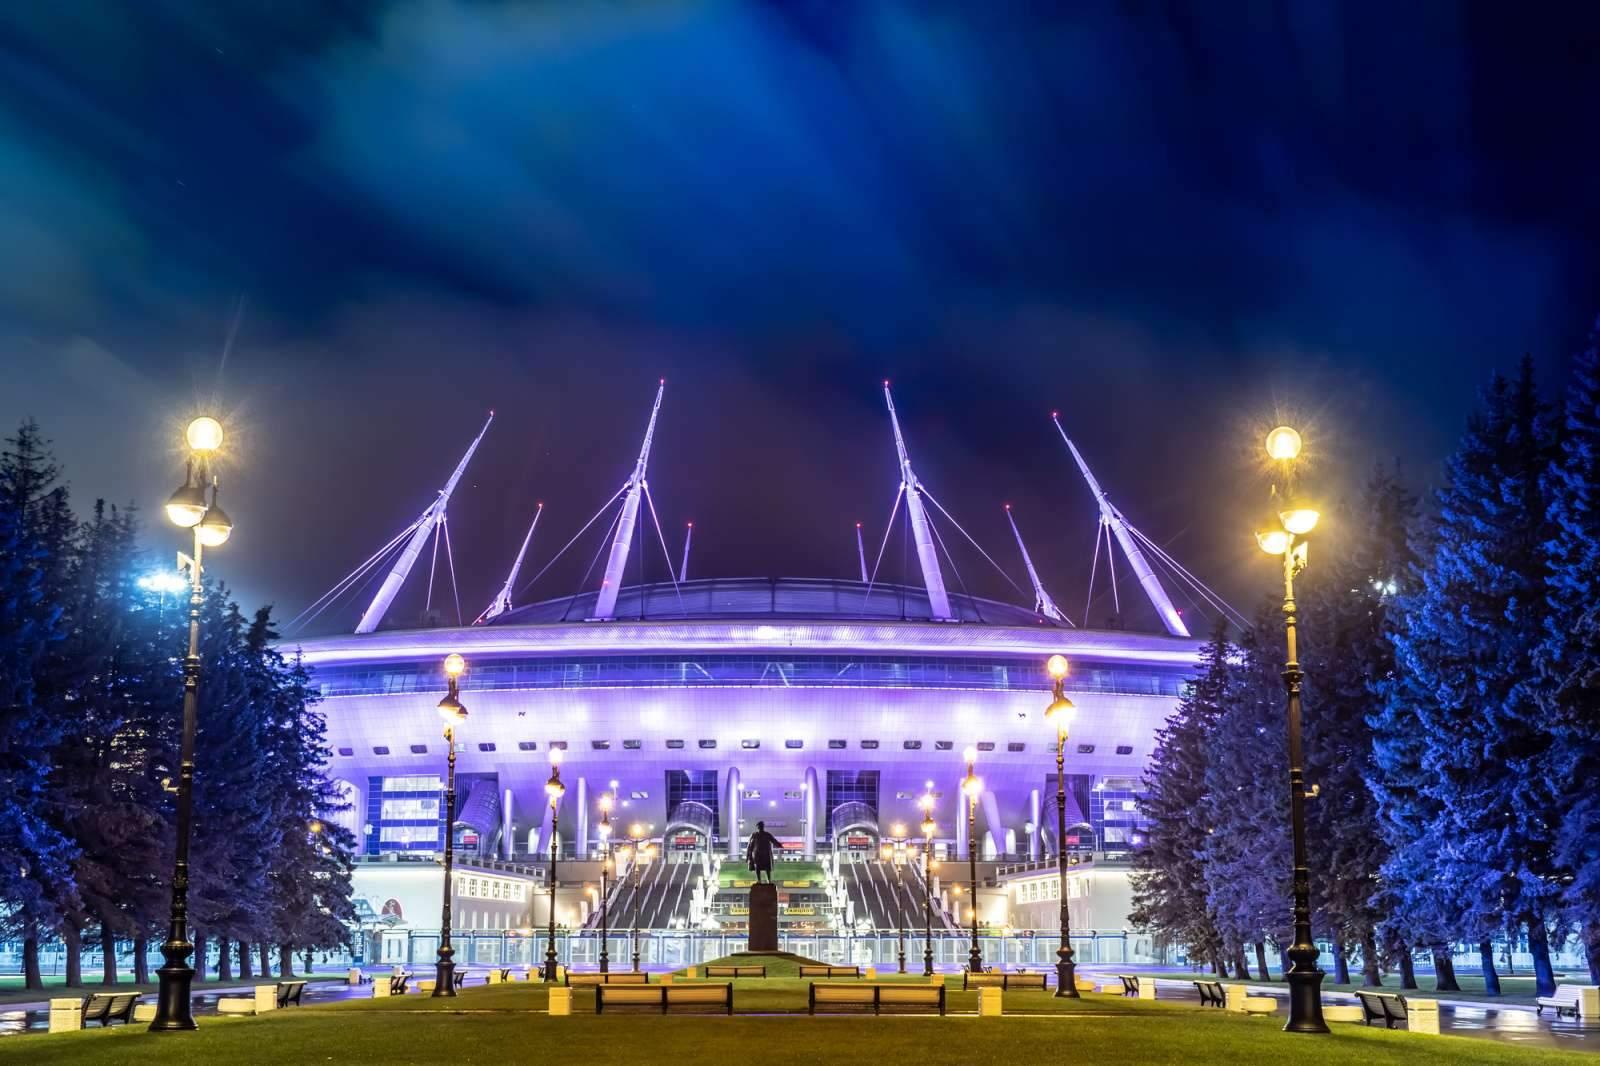 Санкт-Петербург получил три дополнительных матча Евро-2020 – источник